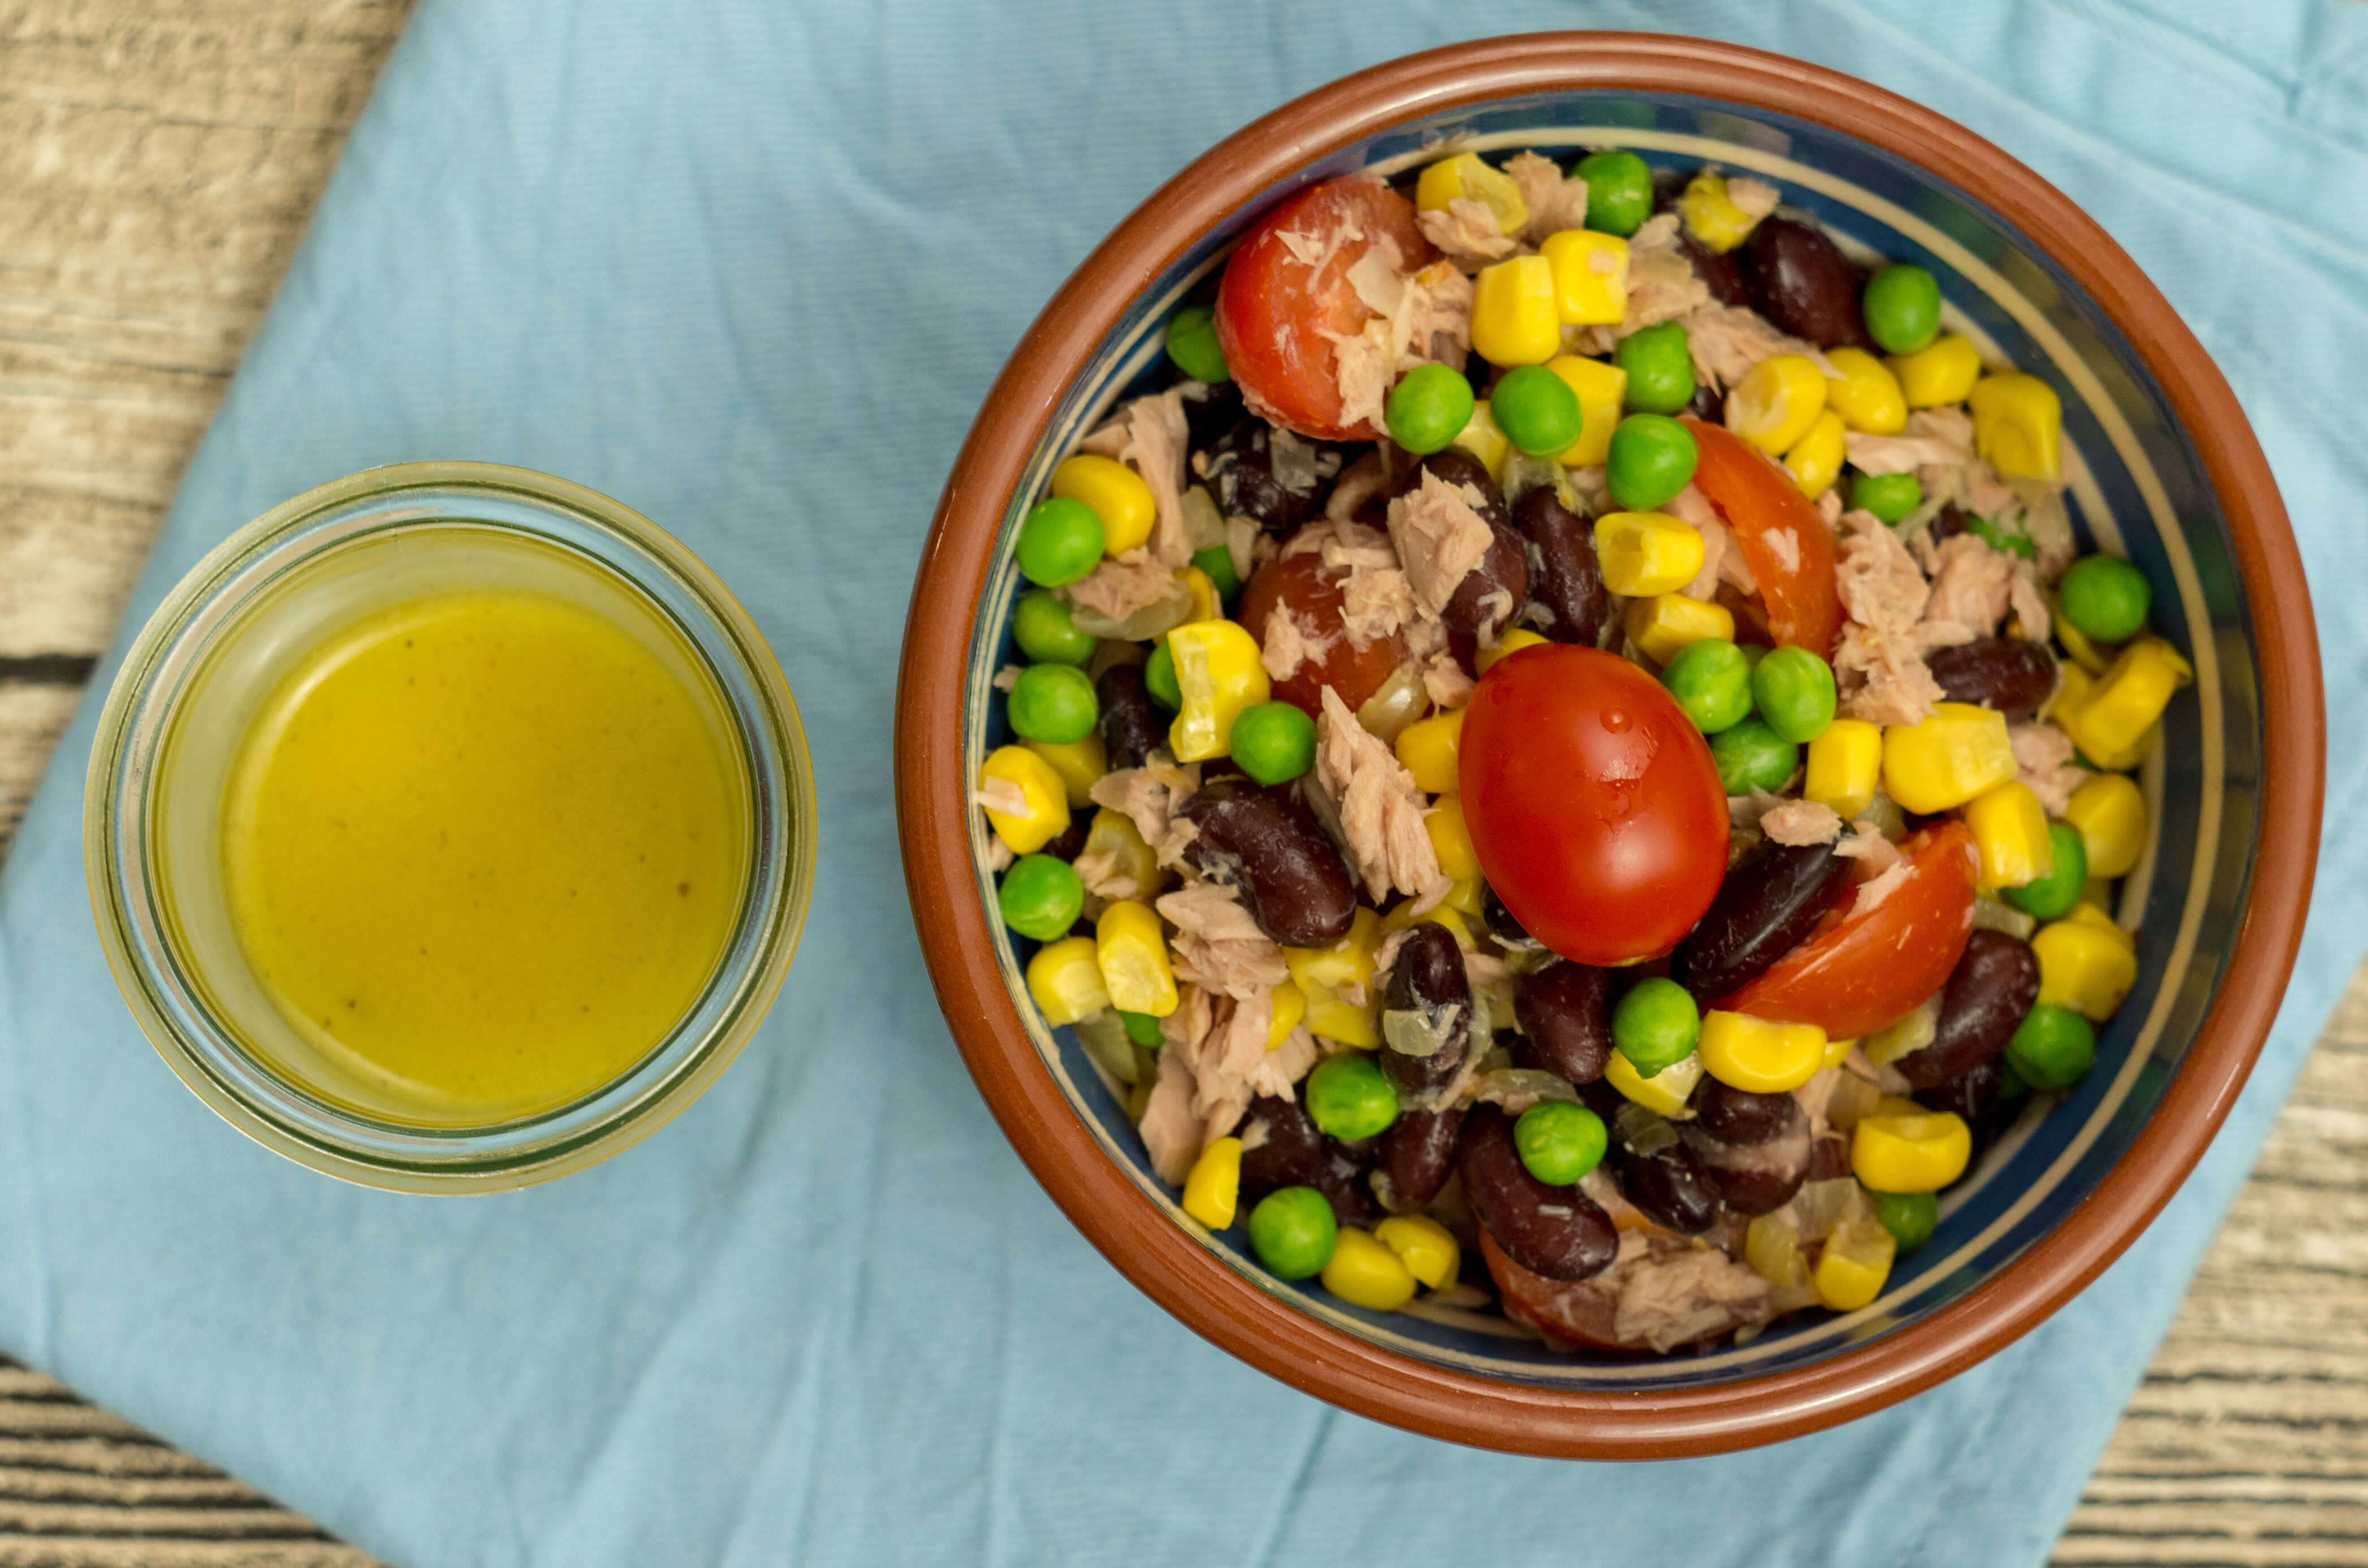 Ein leckerer Thunfischsalat als Mittagessen, Abendessen oder Beilage geeignet. #laktosefrei #glutenarm | chilibluetendotcom